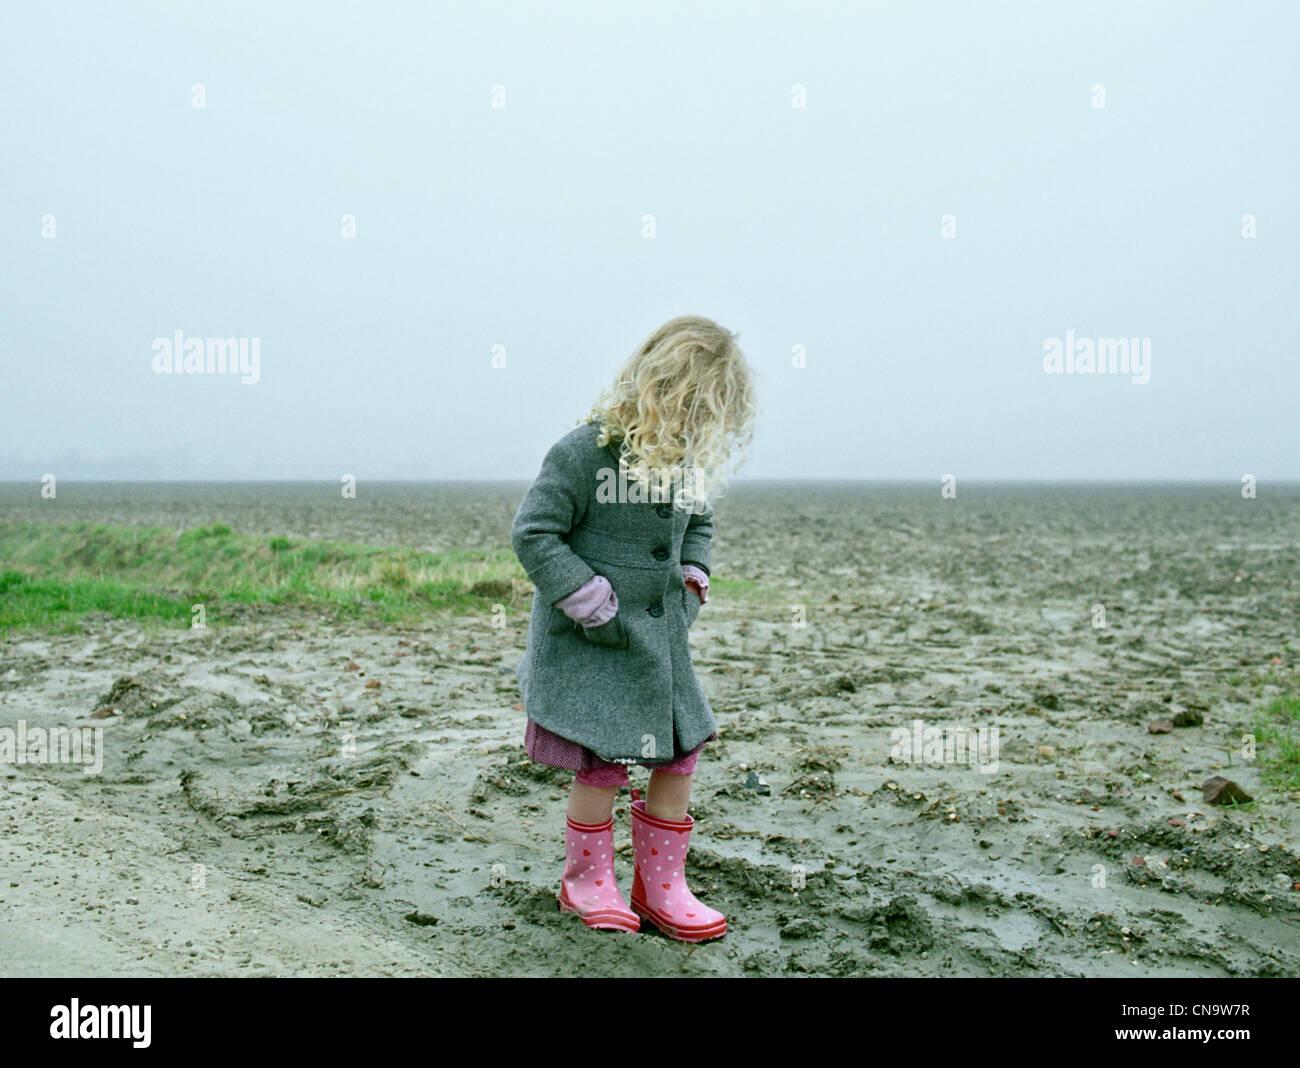 Girl wearing rainboots on beach - Stock Image